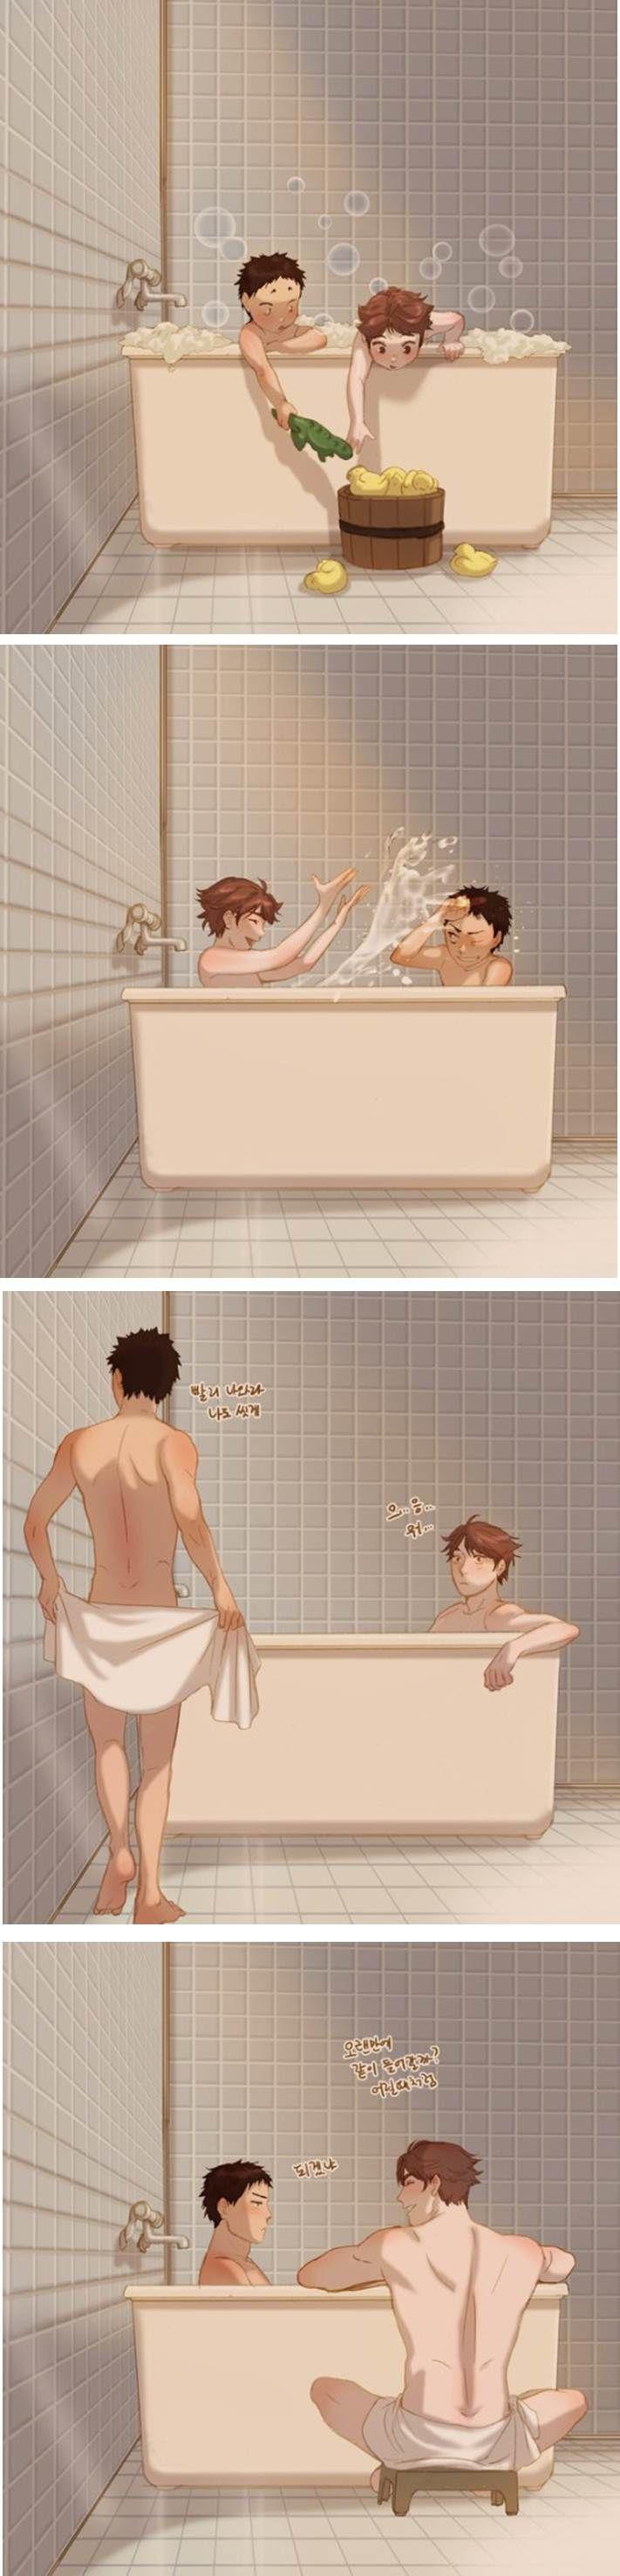 Oikawa x Iwaizumi - Bathtime =)